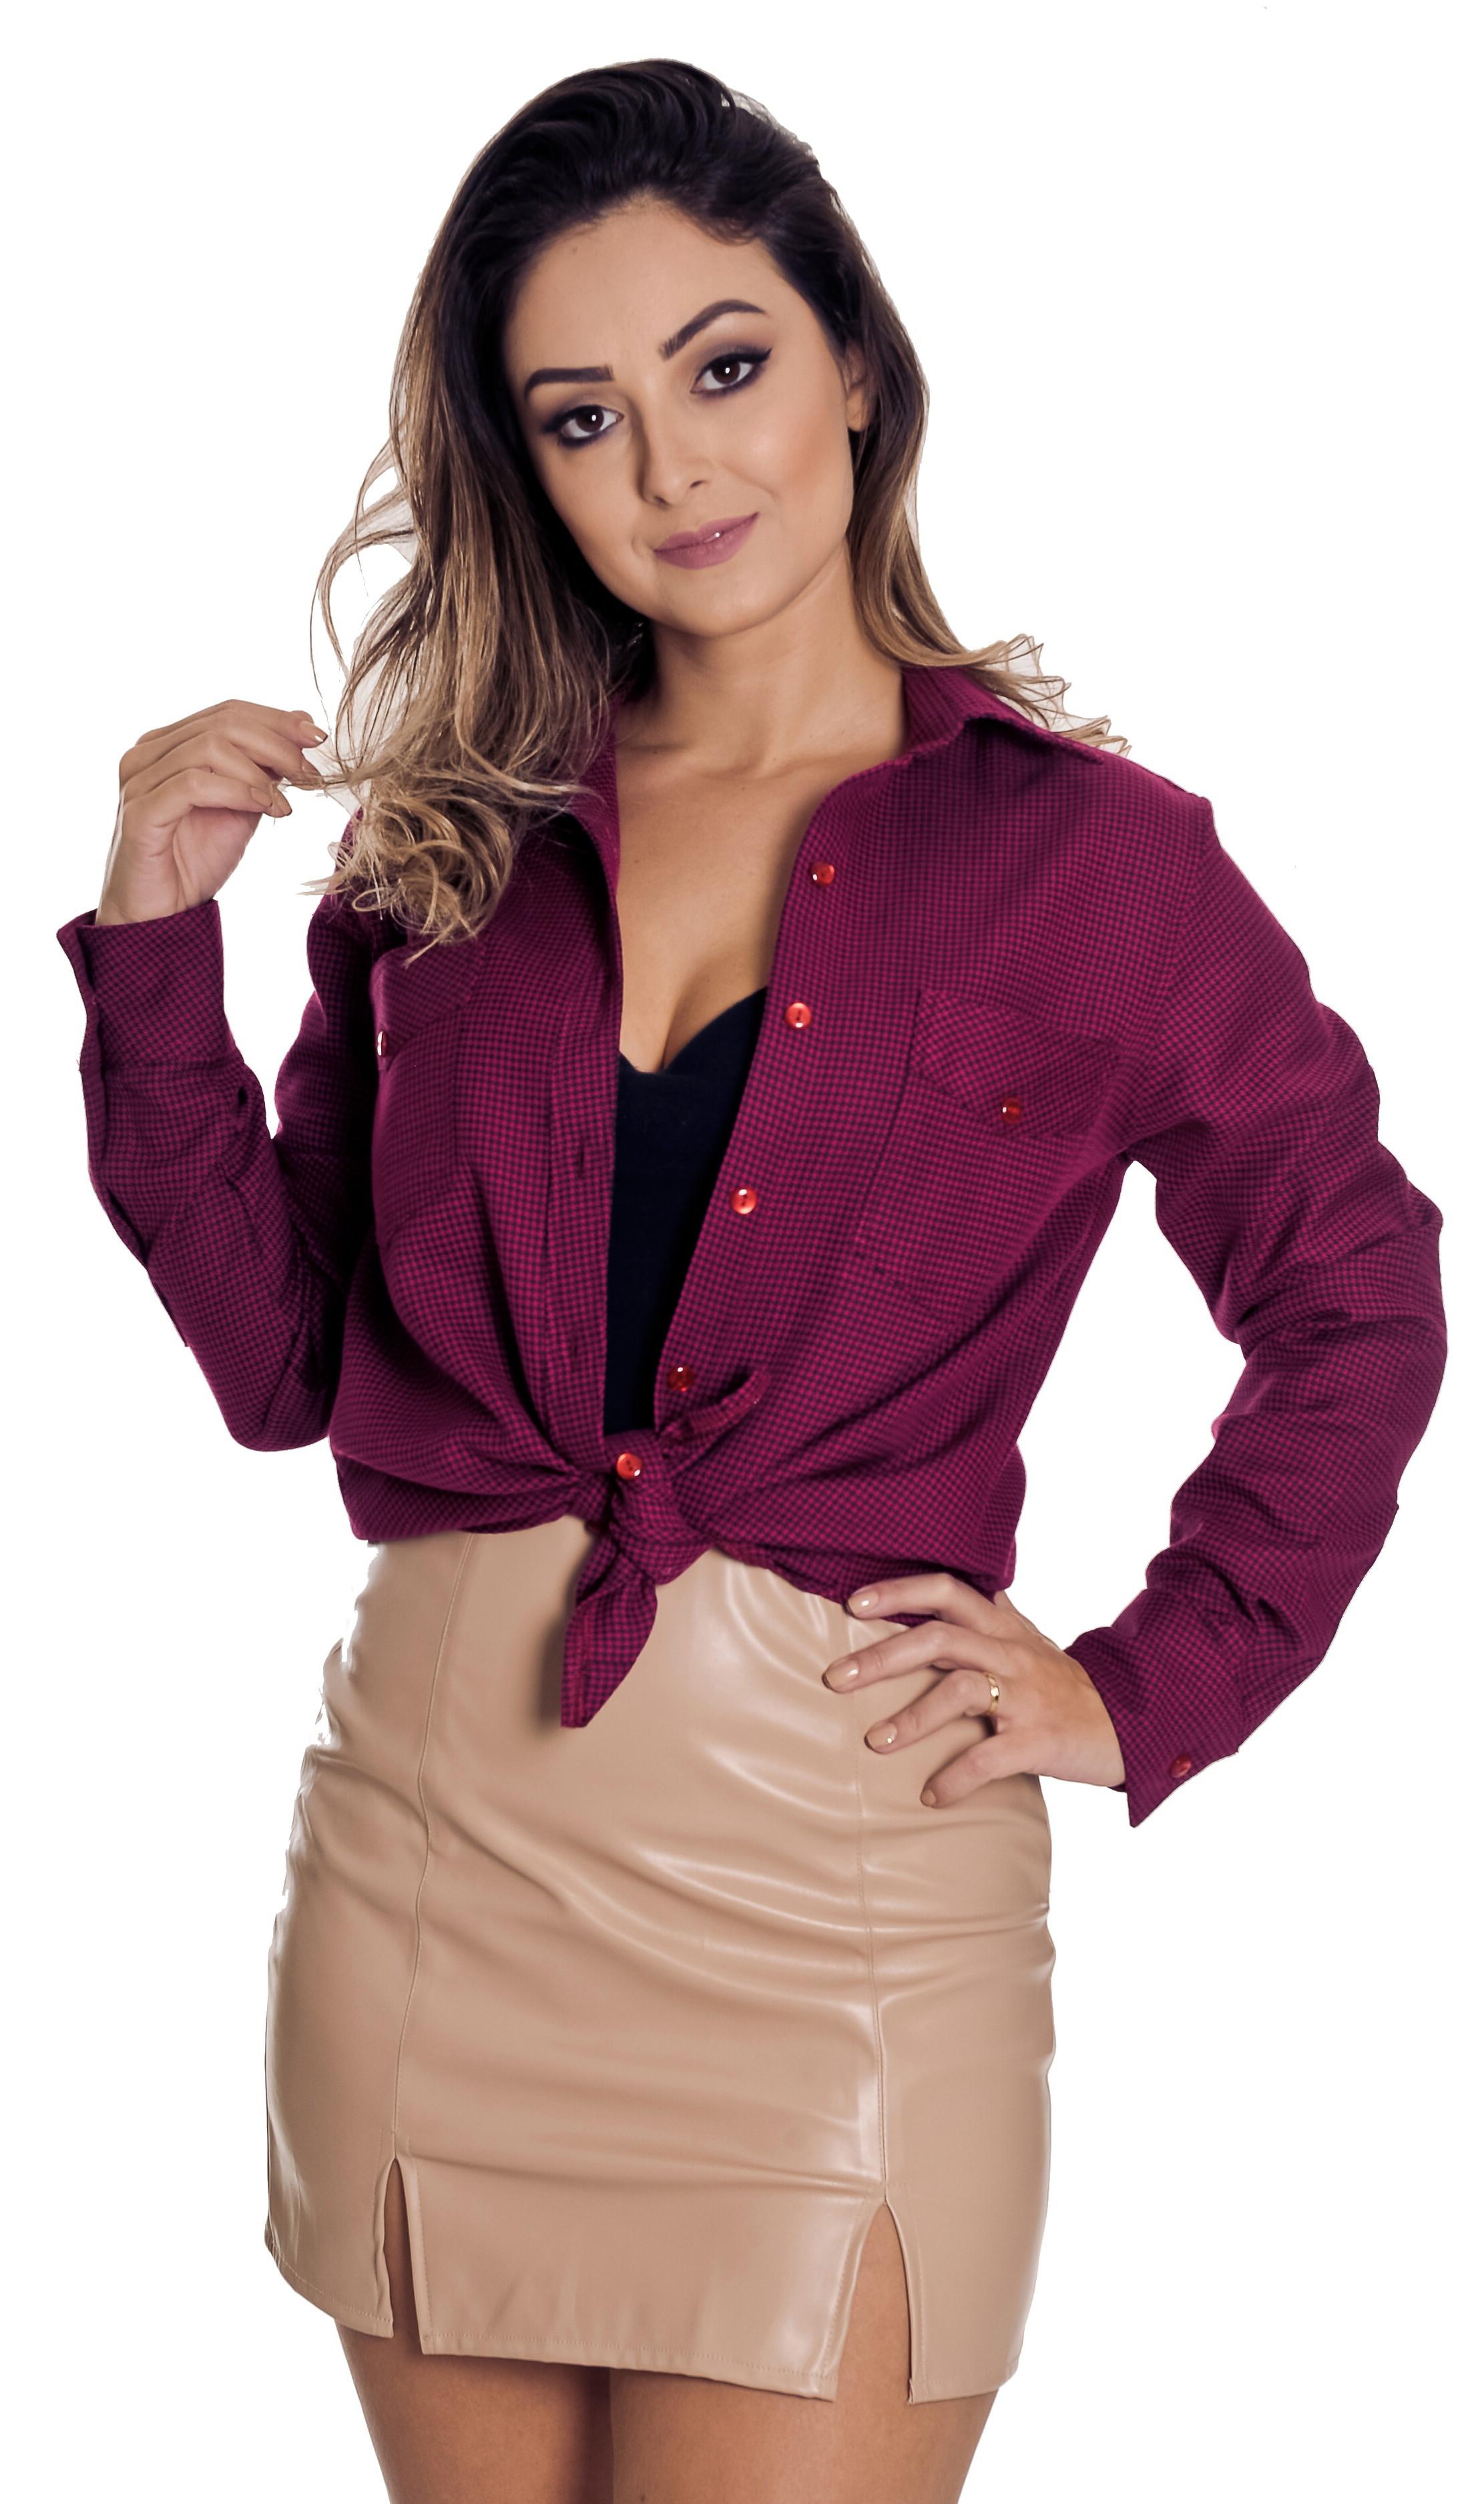 Camisao Xadrez Feminina Antonella Pimenta Rosada  3f9282c7a7194